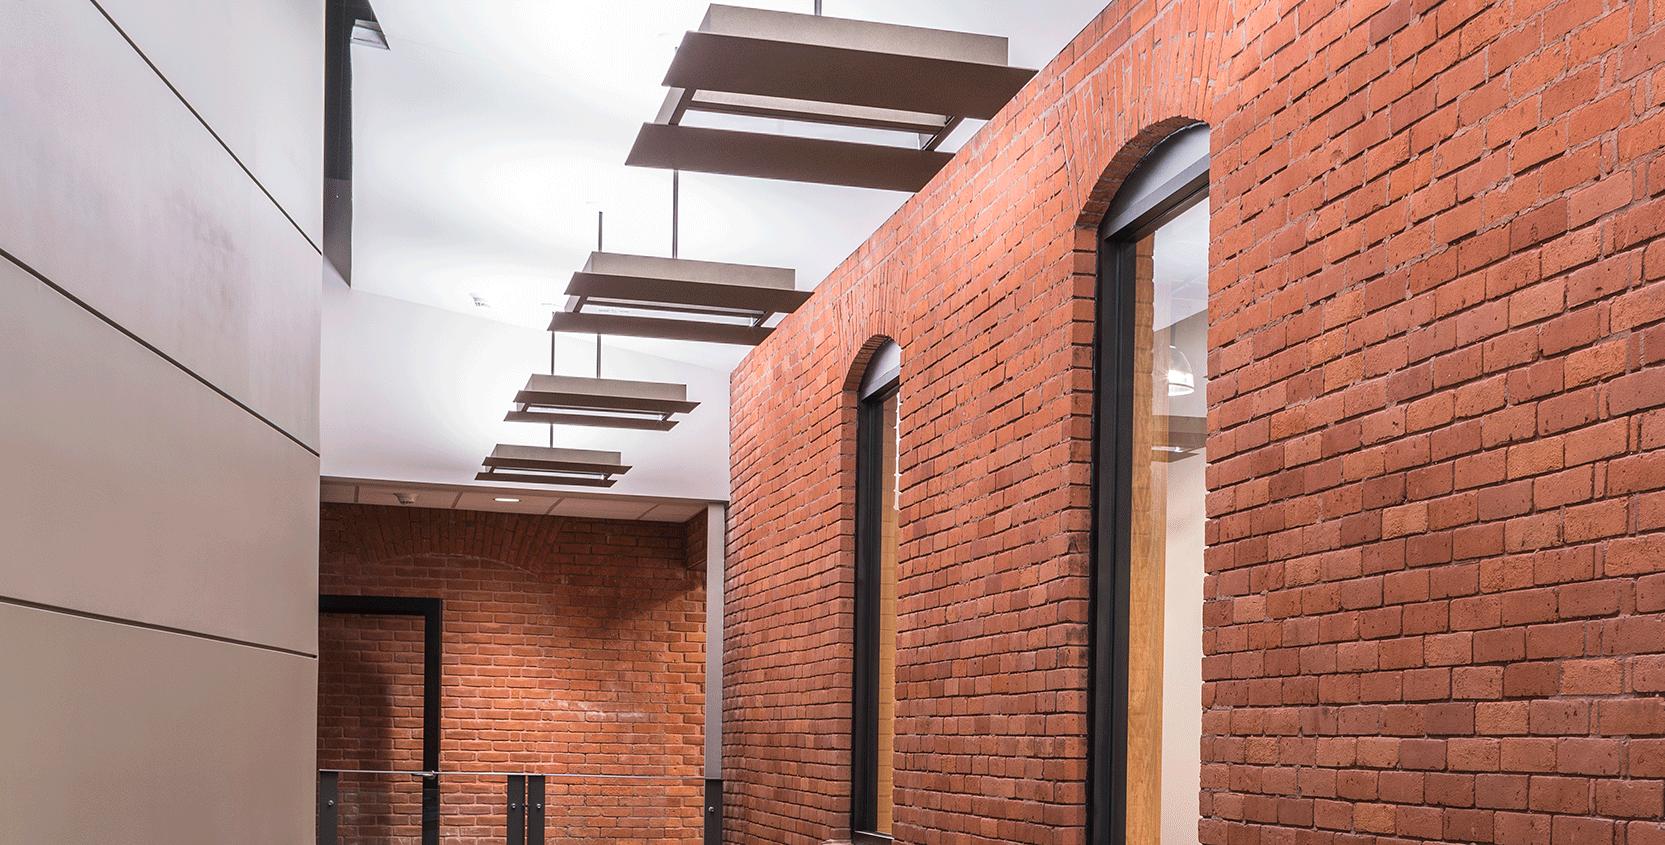 LSSU-South-Hall-Renovation-Atrium-1665x845